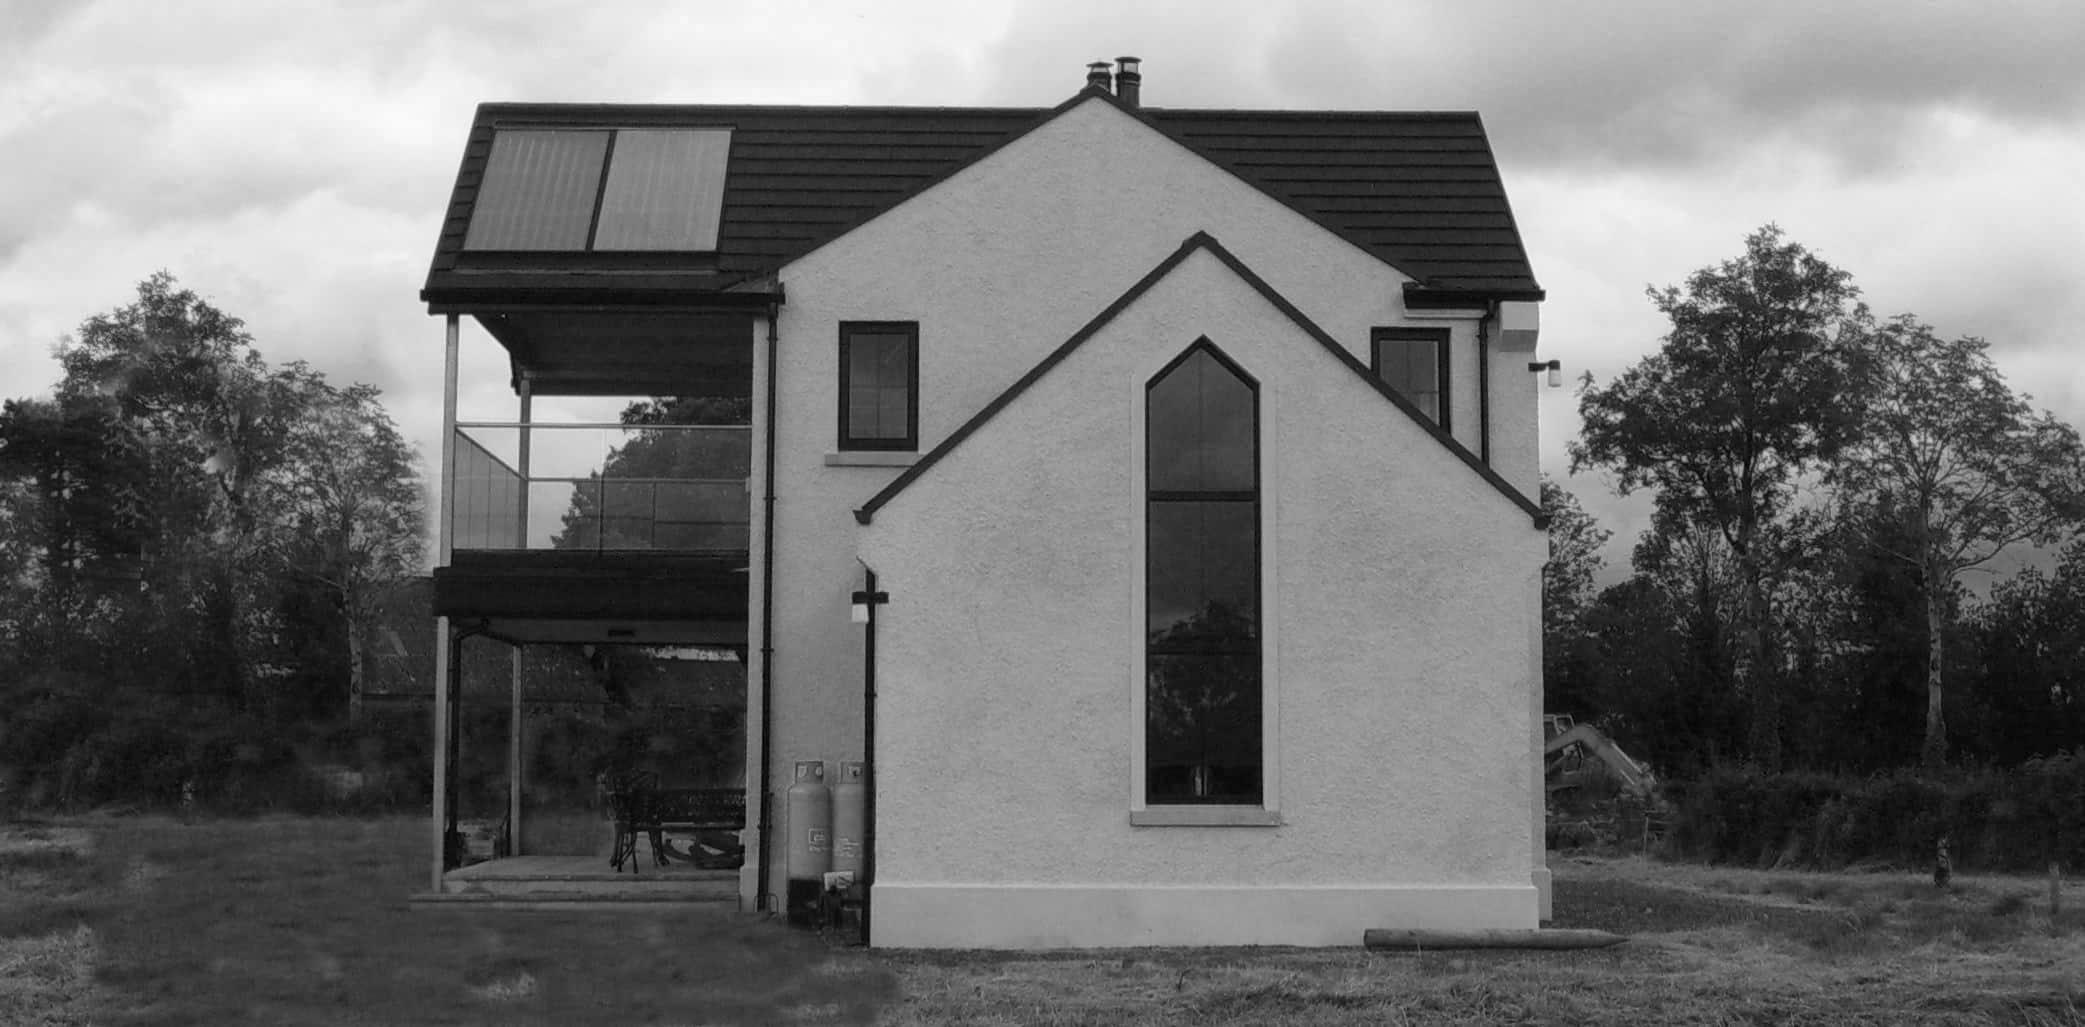 Fitzpatrick Dwelling